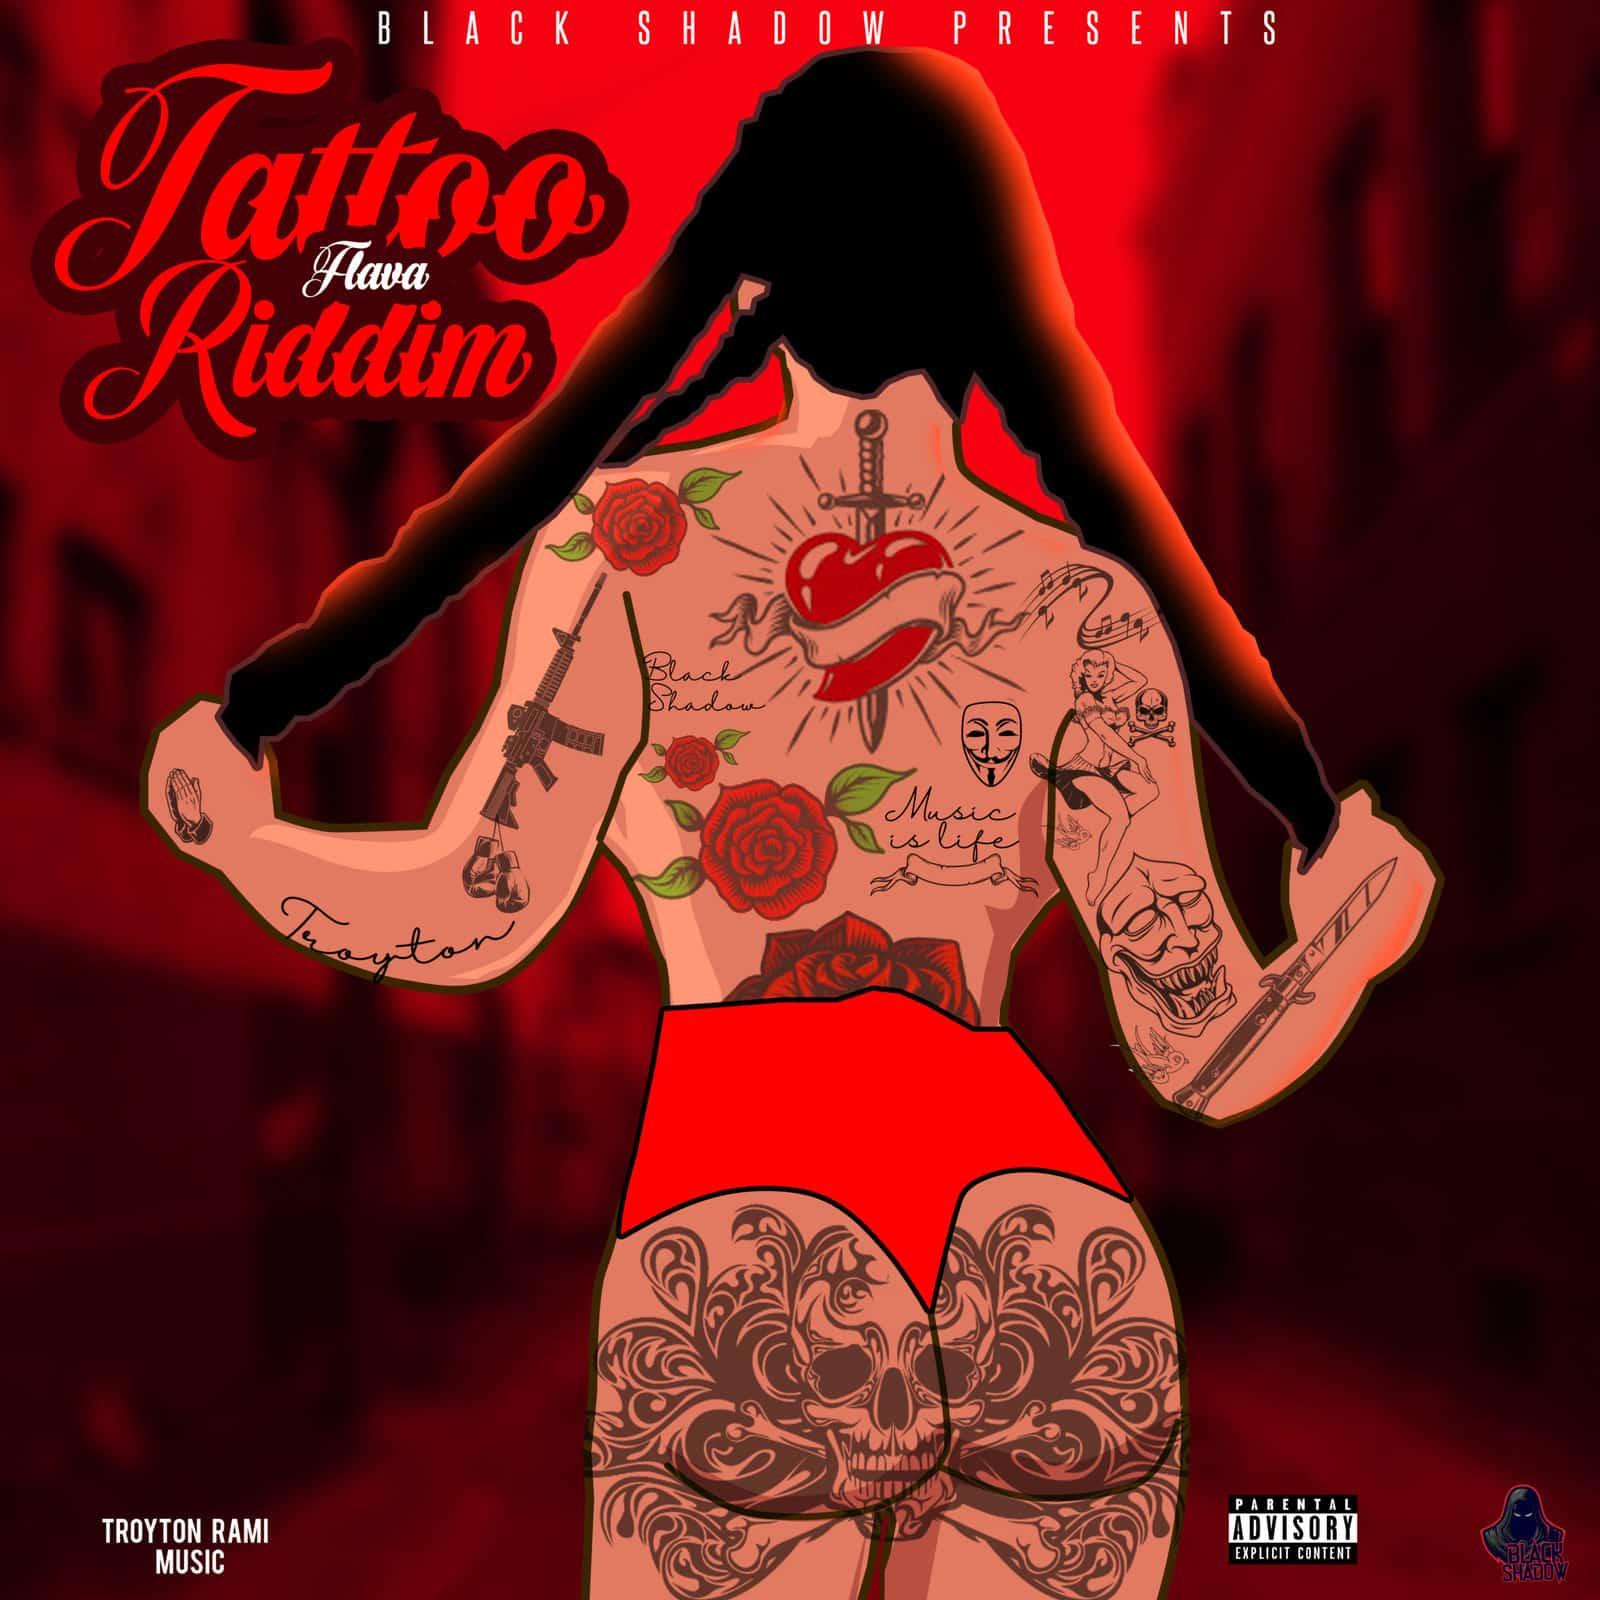 Tattoo Flava Riddim - Black Shadow